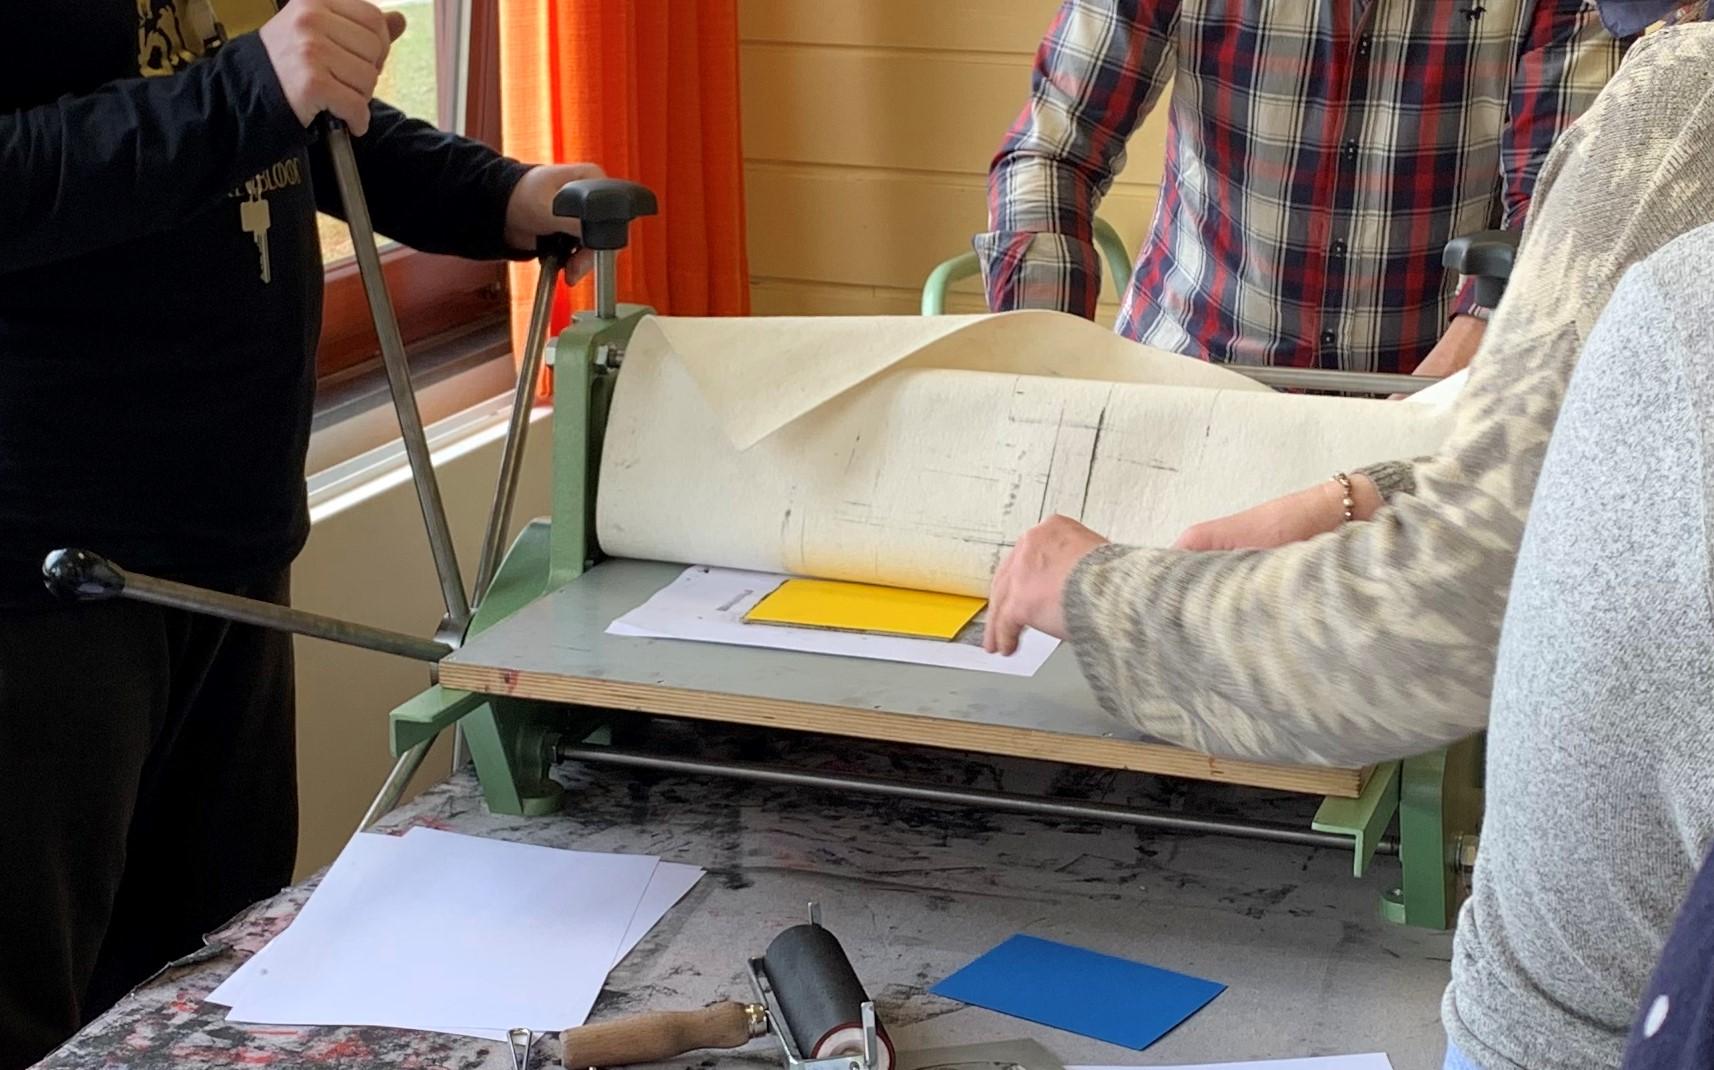 Maschine, mir der die eingefärbten Linolplatten auf das Papier gedrückt werden